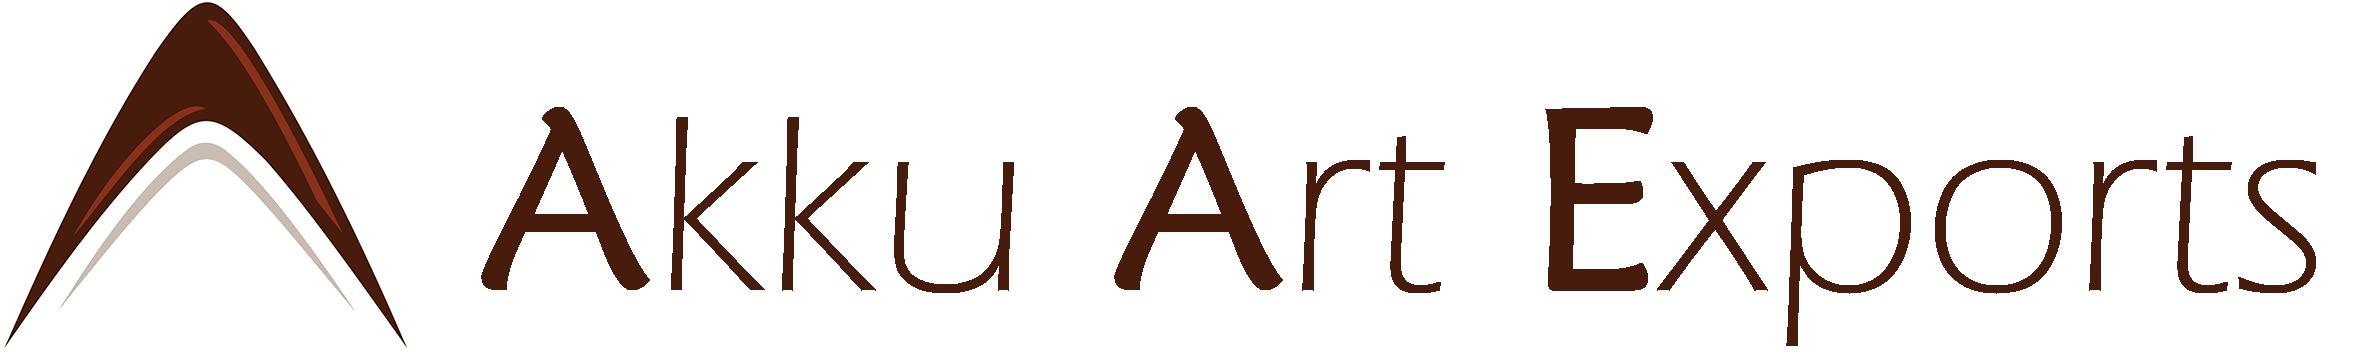 Akku Art Exports